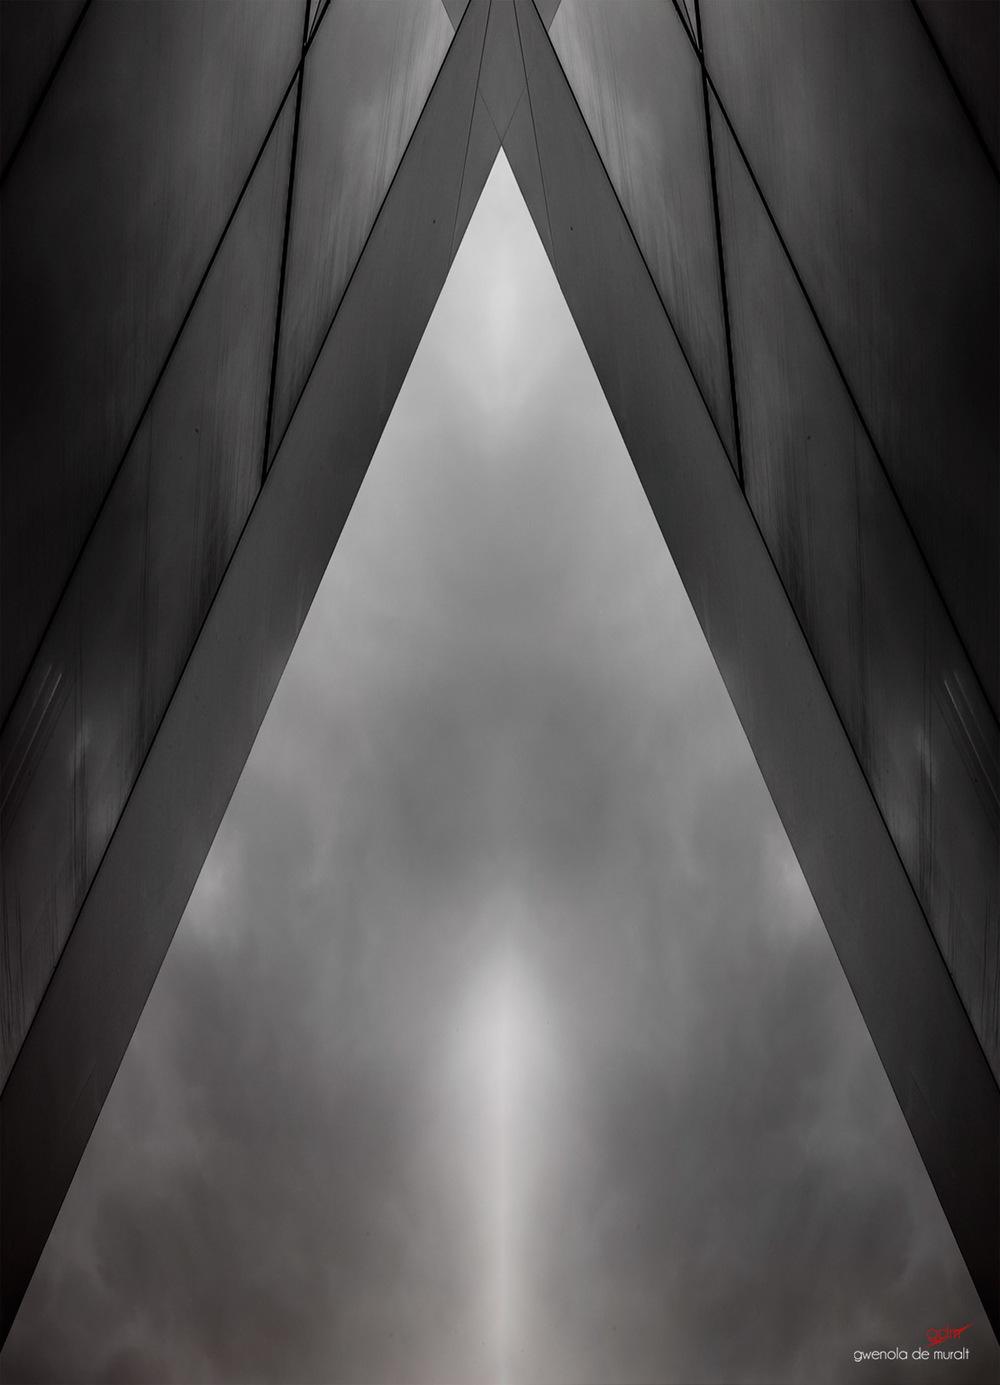 Gwenola De muralt - Solid geometry